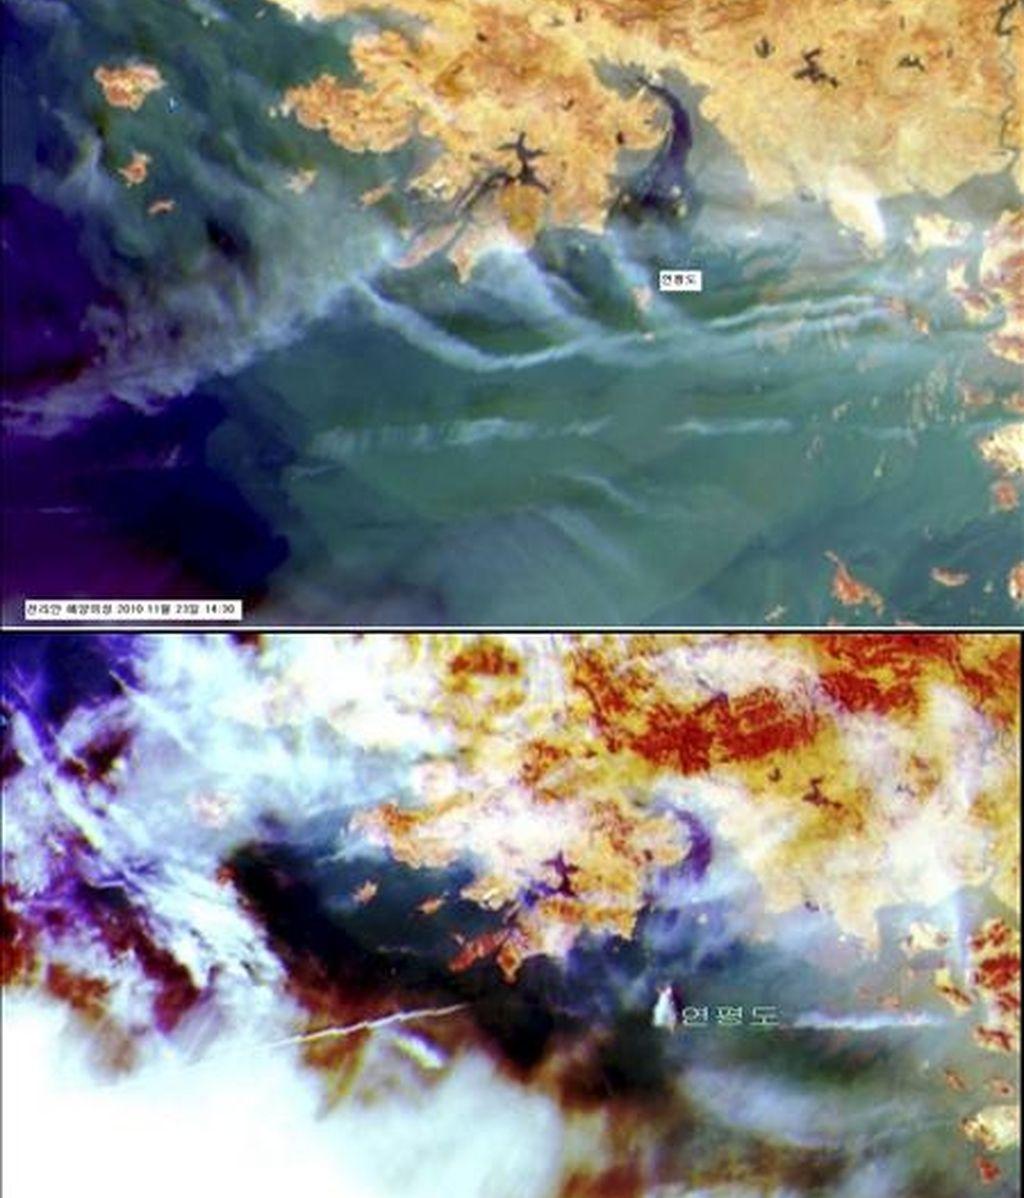 Combo fotográfico compuesto por dos imágenes satelitales donde se observa la isla surcoreana de Yeonpyeong, antes (2:30 p.m., arriba) y después (3:30 p.m., abajo), de un ataque por sorpresa de Corea del Norte que causó hoy, 23 de noviembre de 2010, dos bajas militares a Corea del Sur. EFE/Korea Ocean Technology & Development Institute